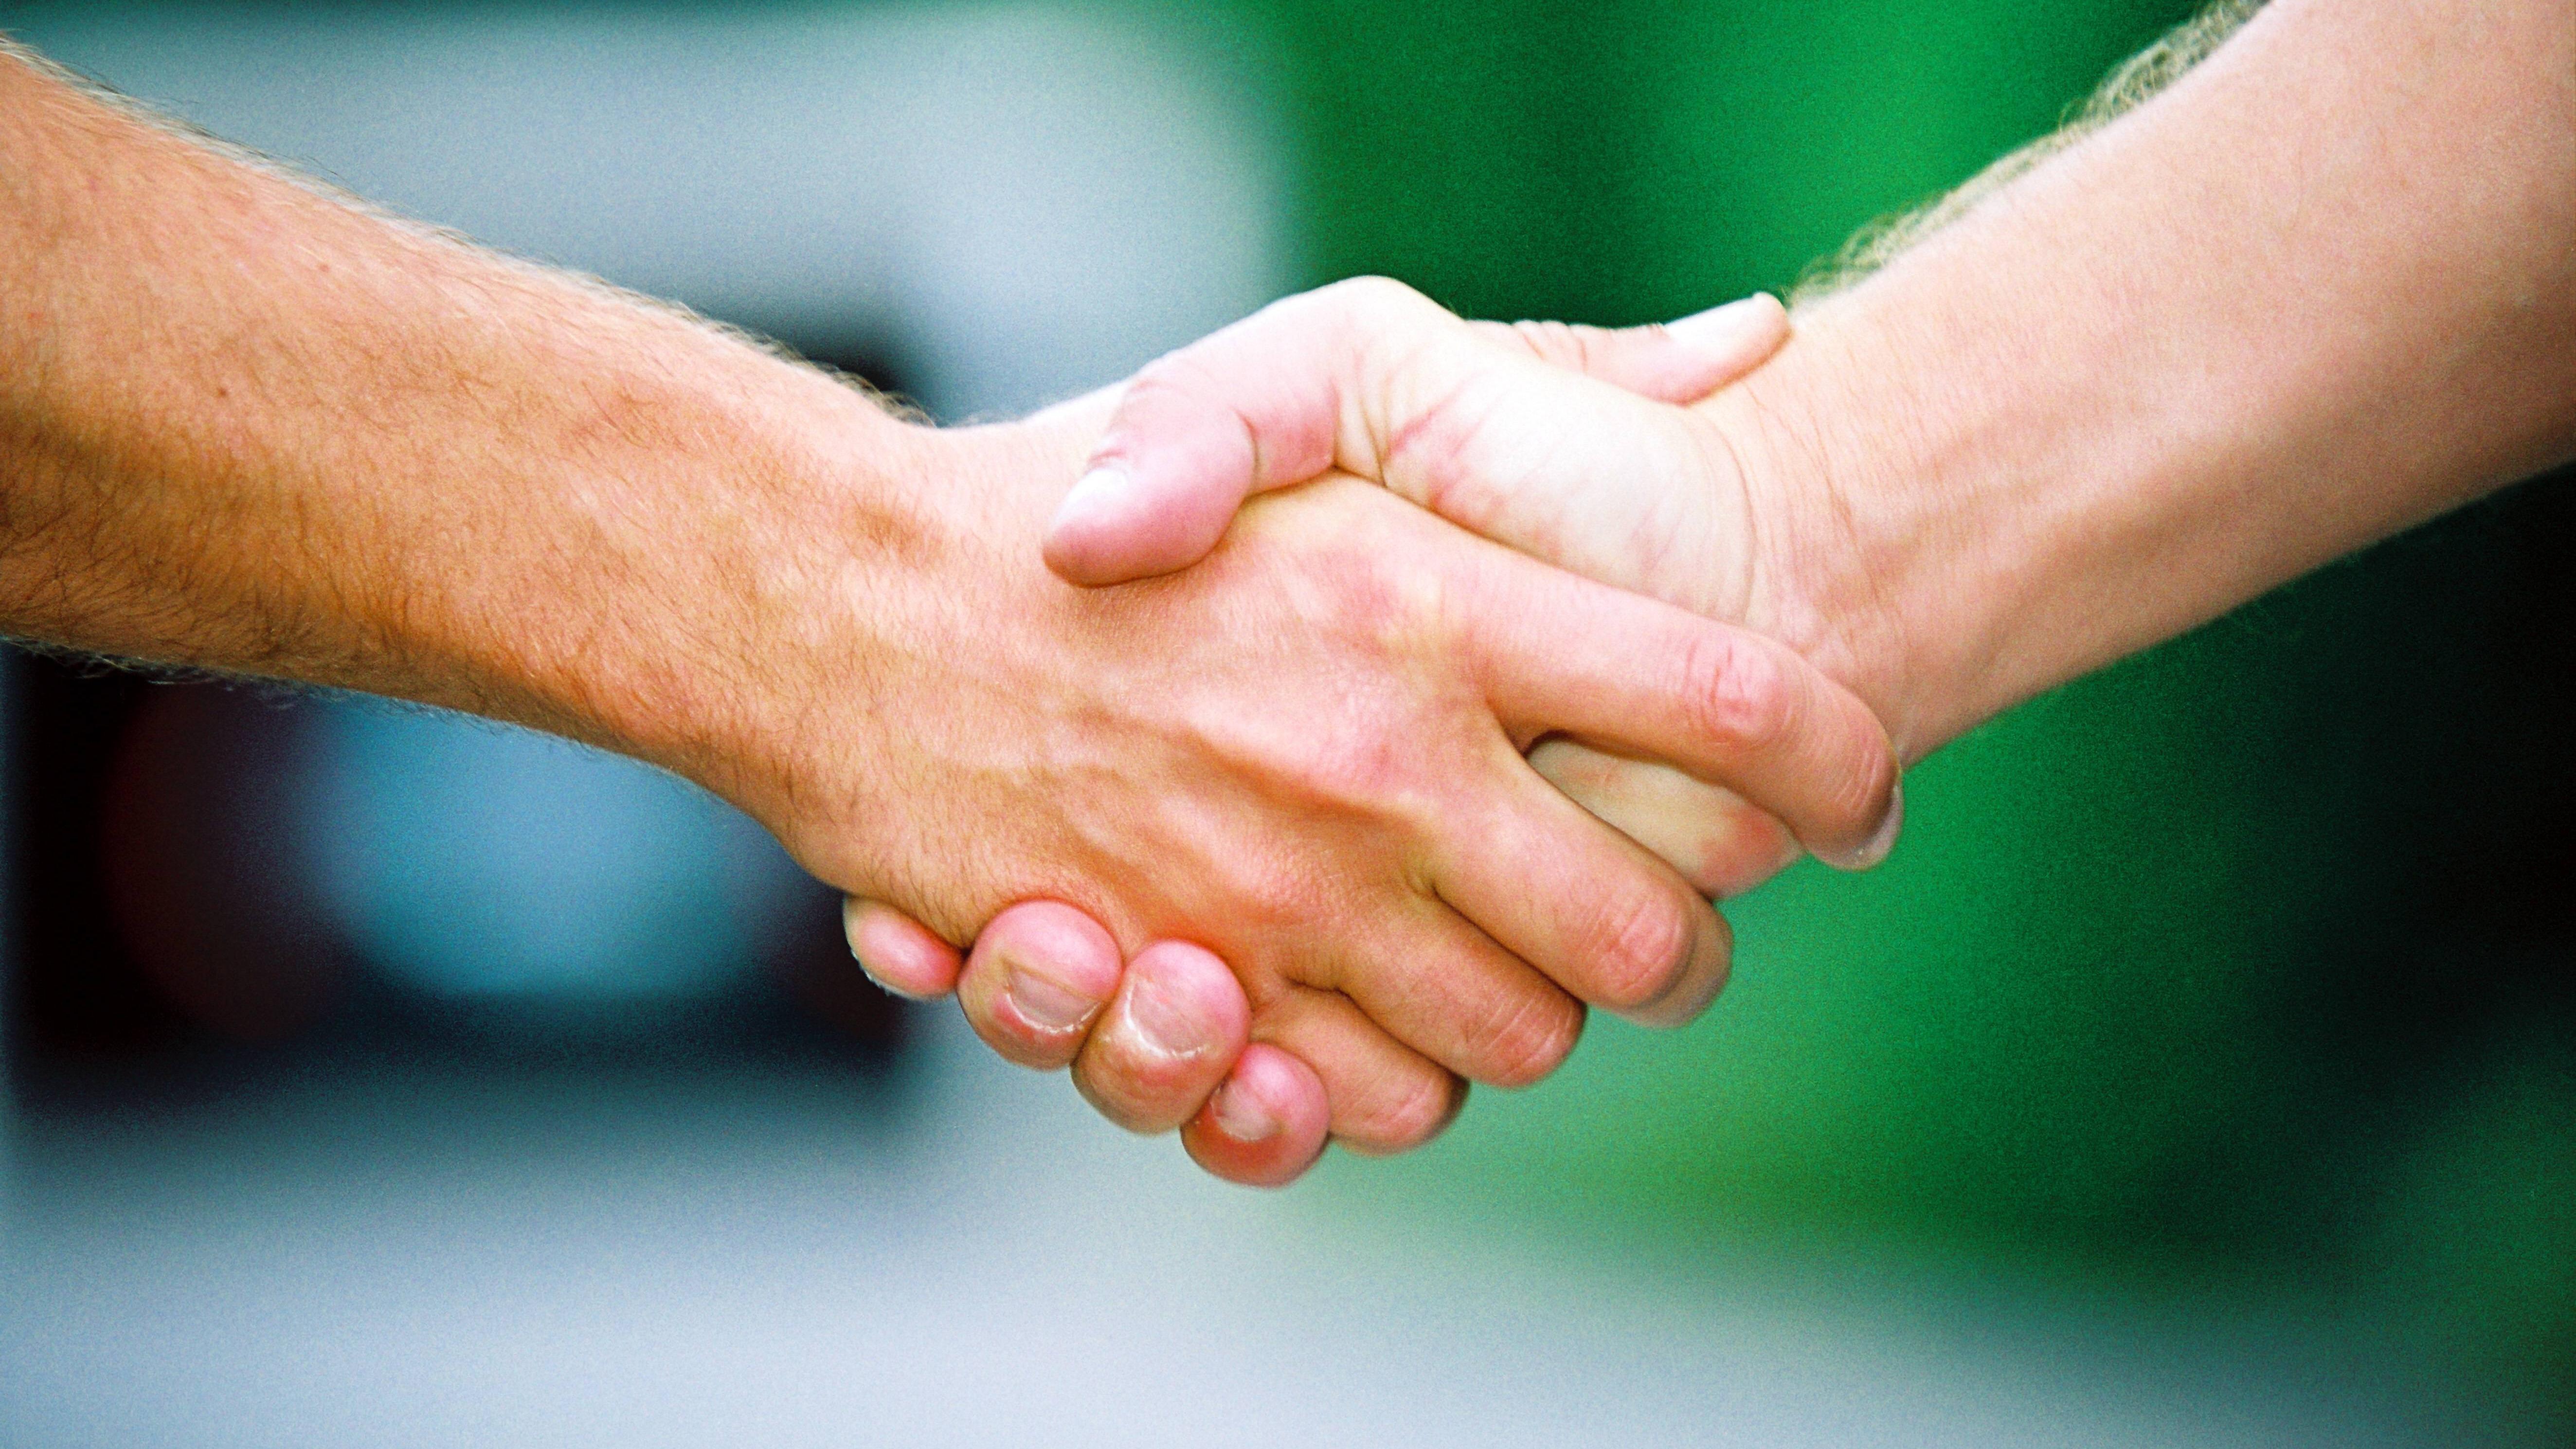 Eine Hand wäscht die andere: Ursprung und Bedeutung der Redewendung